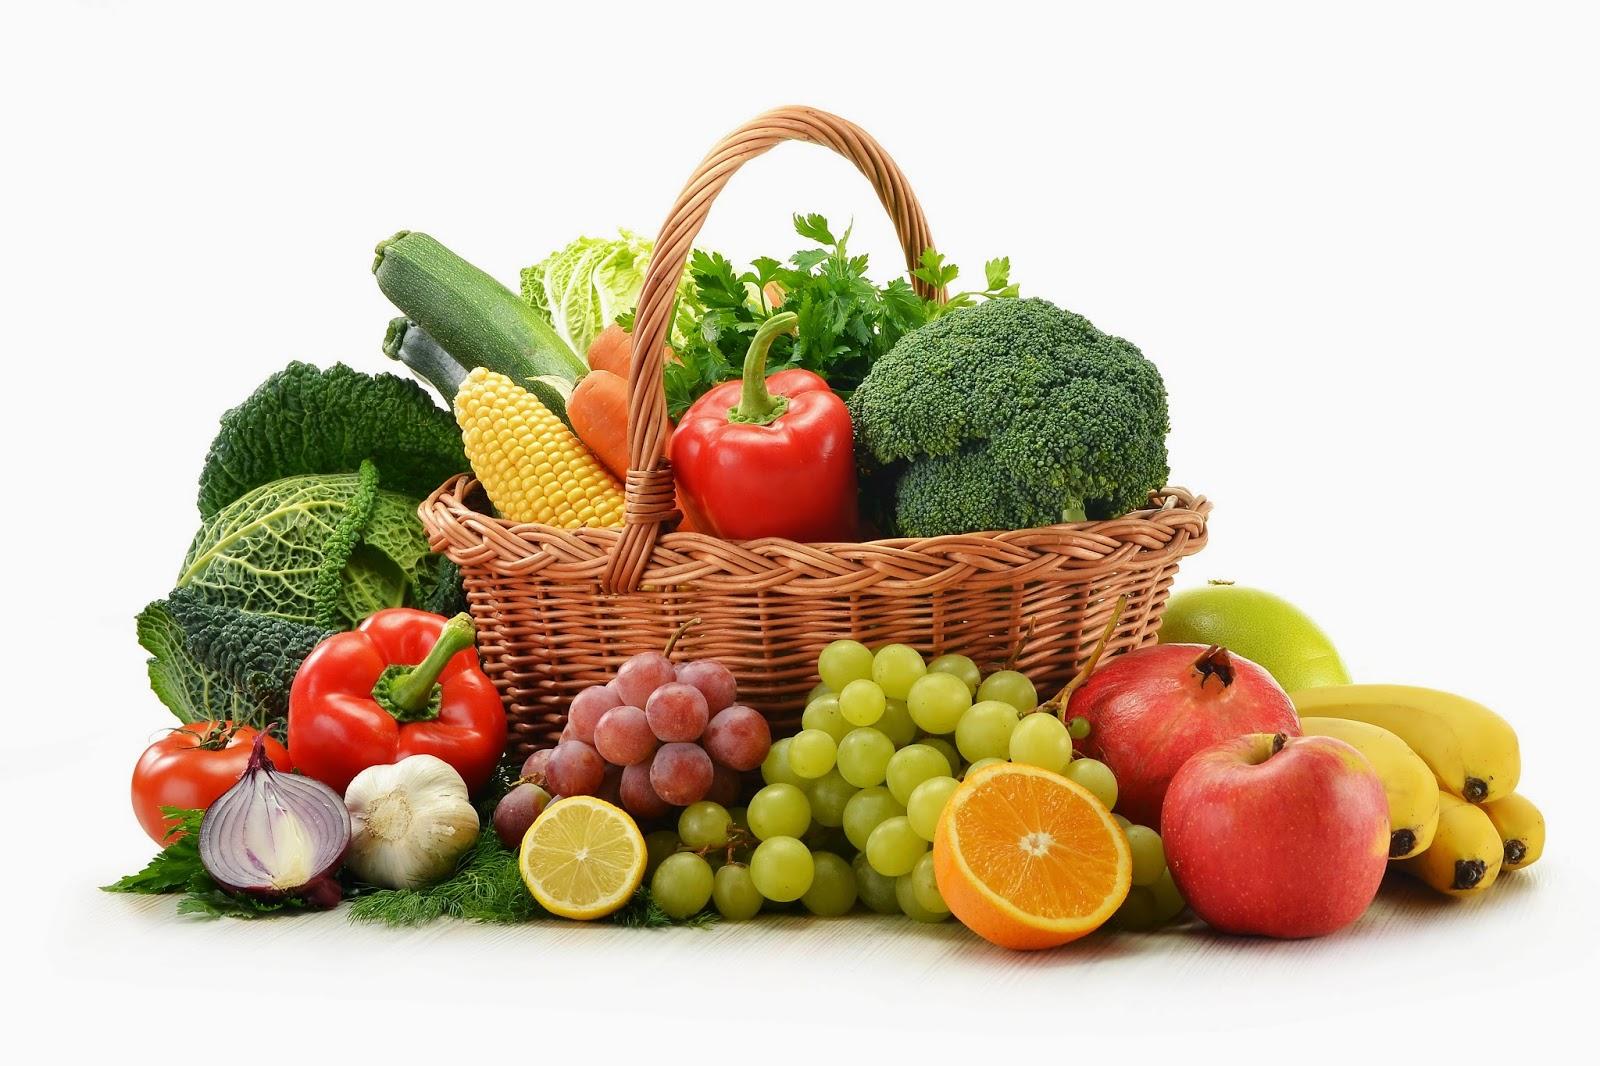 Правильное похудение БЕЗ голодания, только сбалансированный рацион питания!